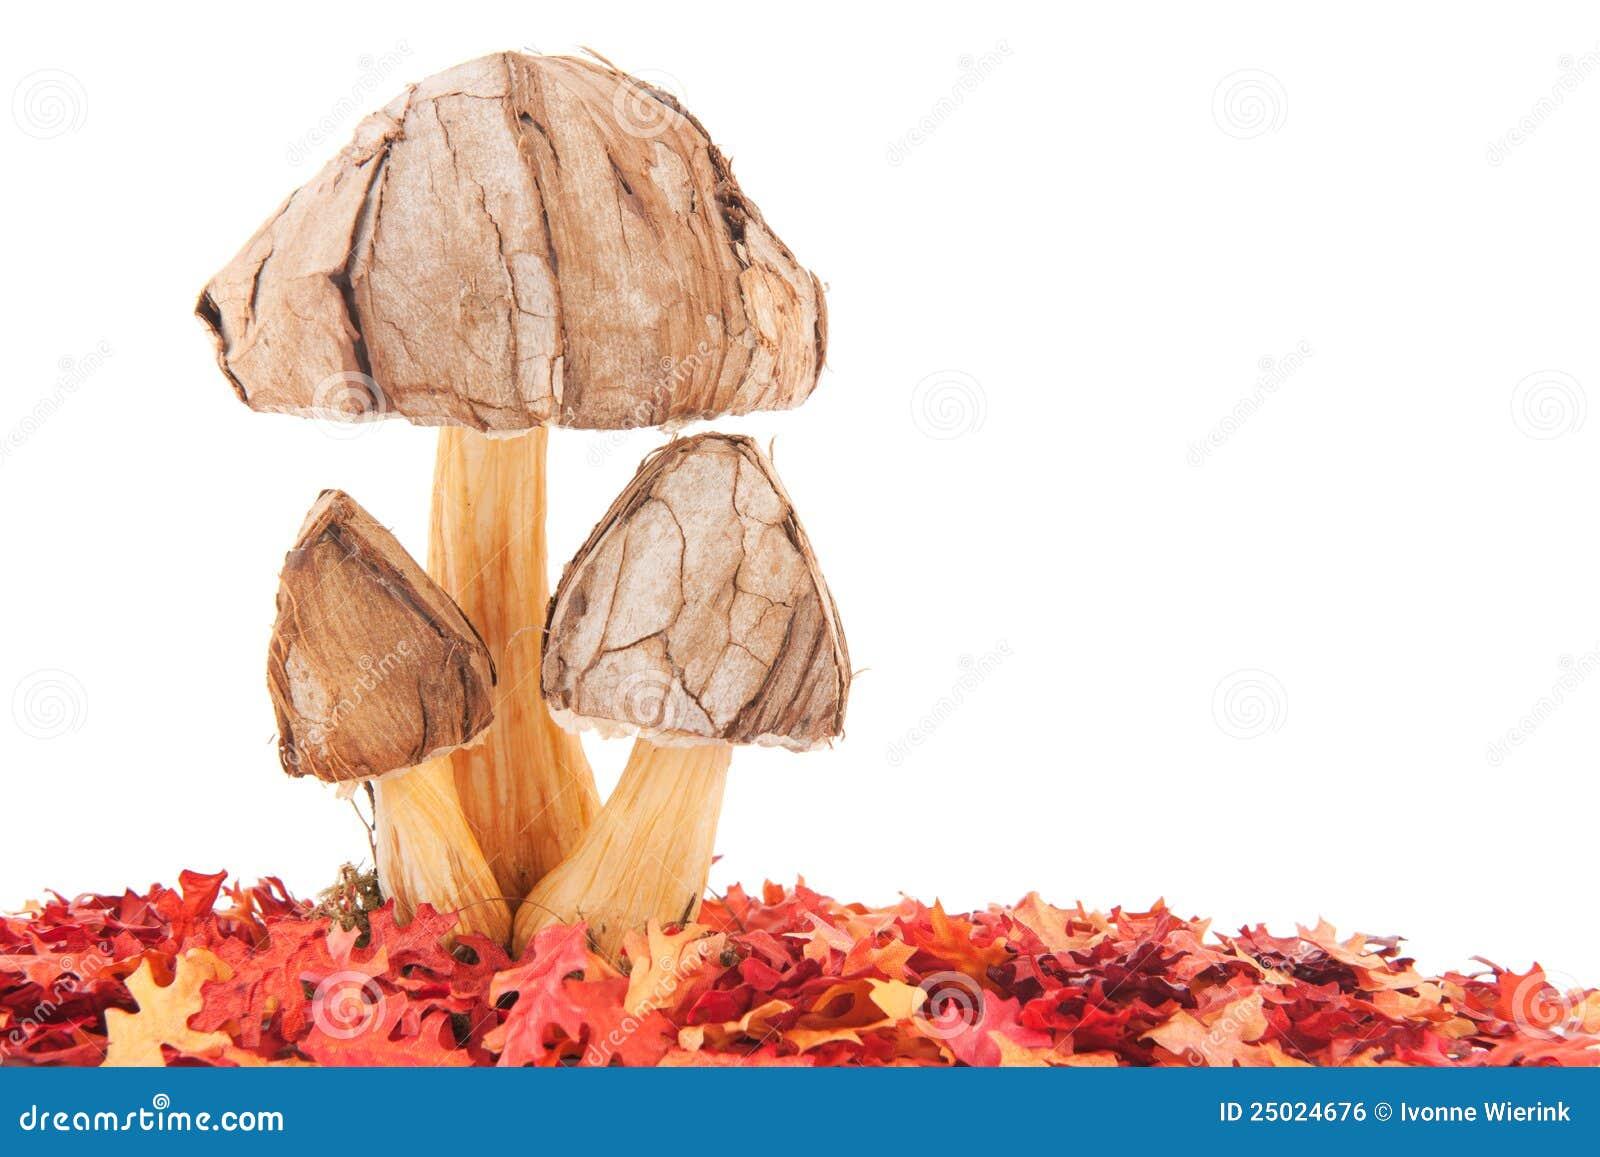 De paddestoelen van de decoratie in de herfst royalty vrije stock afbeelding beeld 25024676 - Afbeelding van decoratie ...